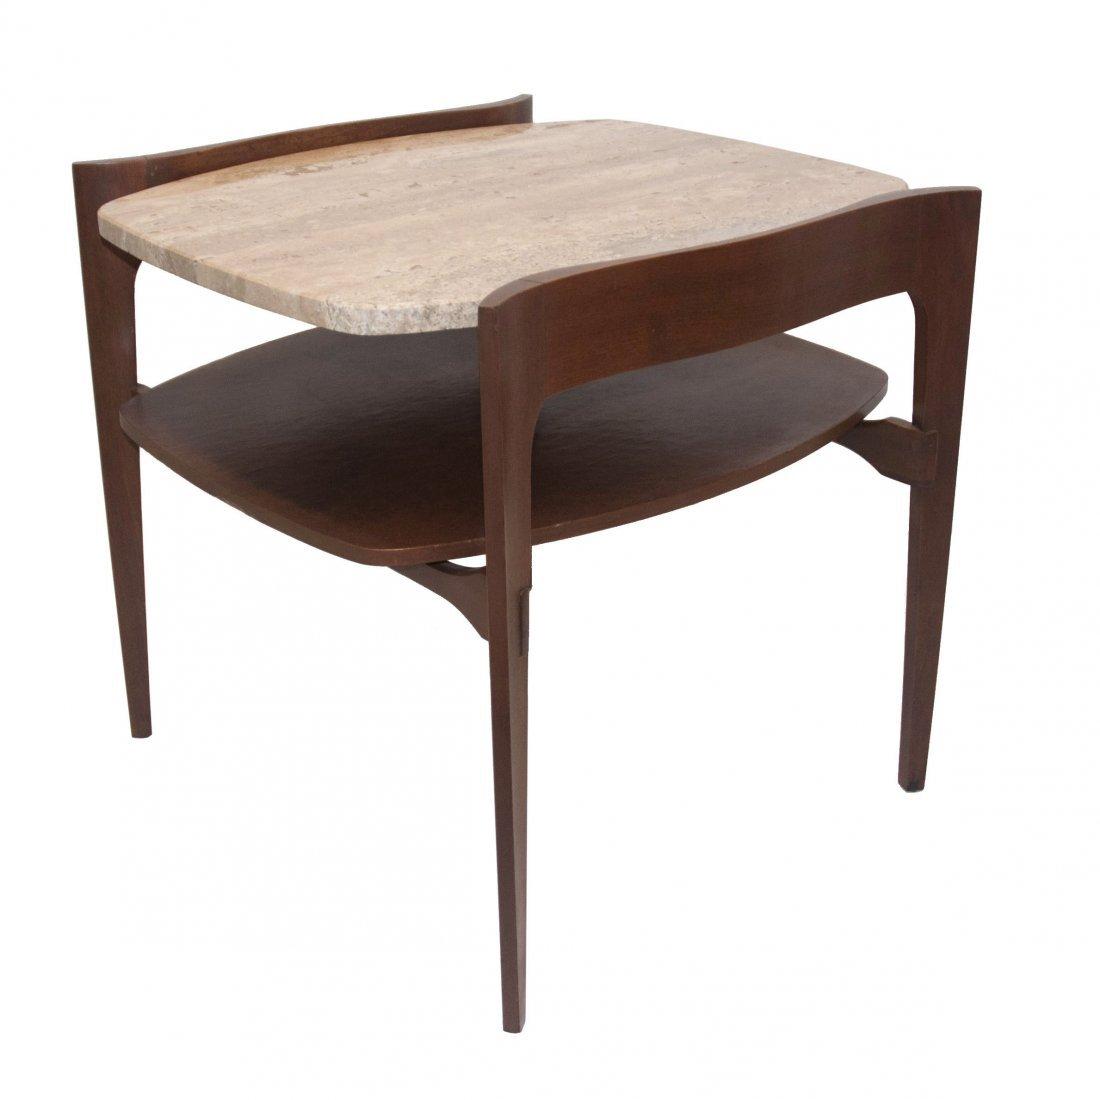 MCM Italian Bertha Schaefer Modern Side Table 1950